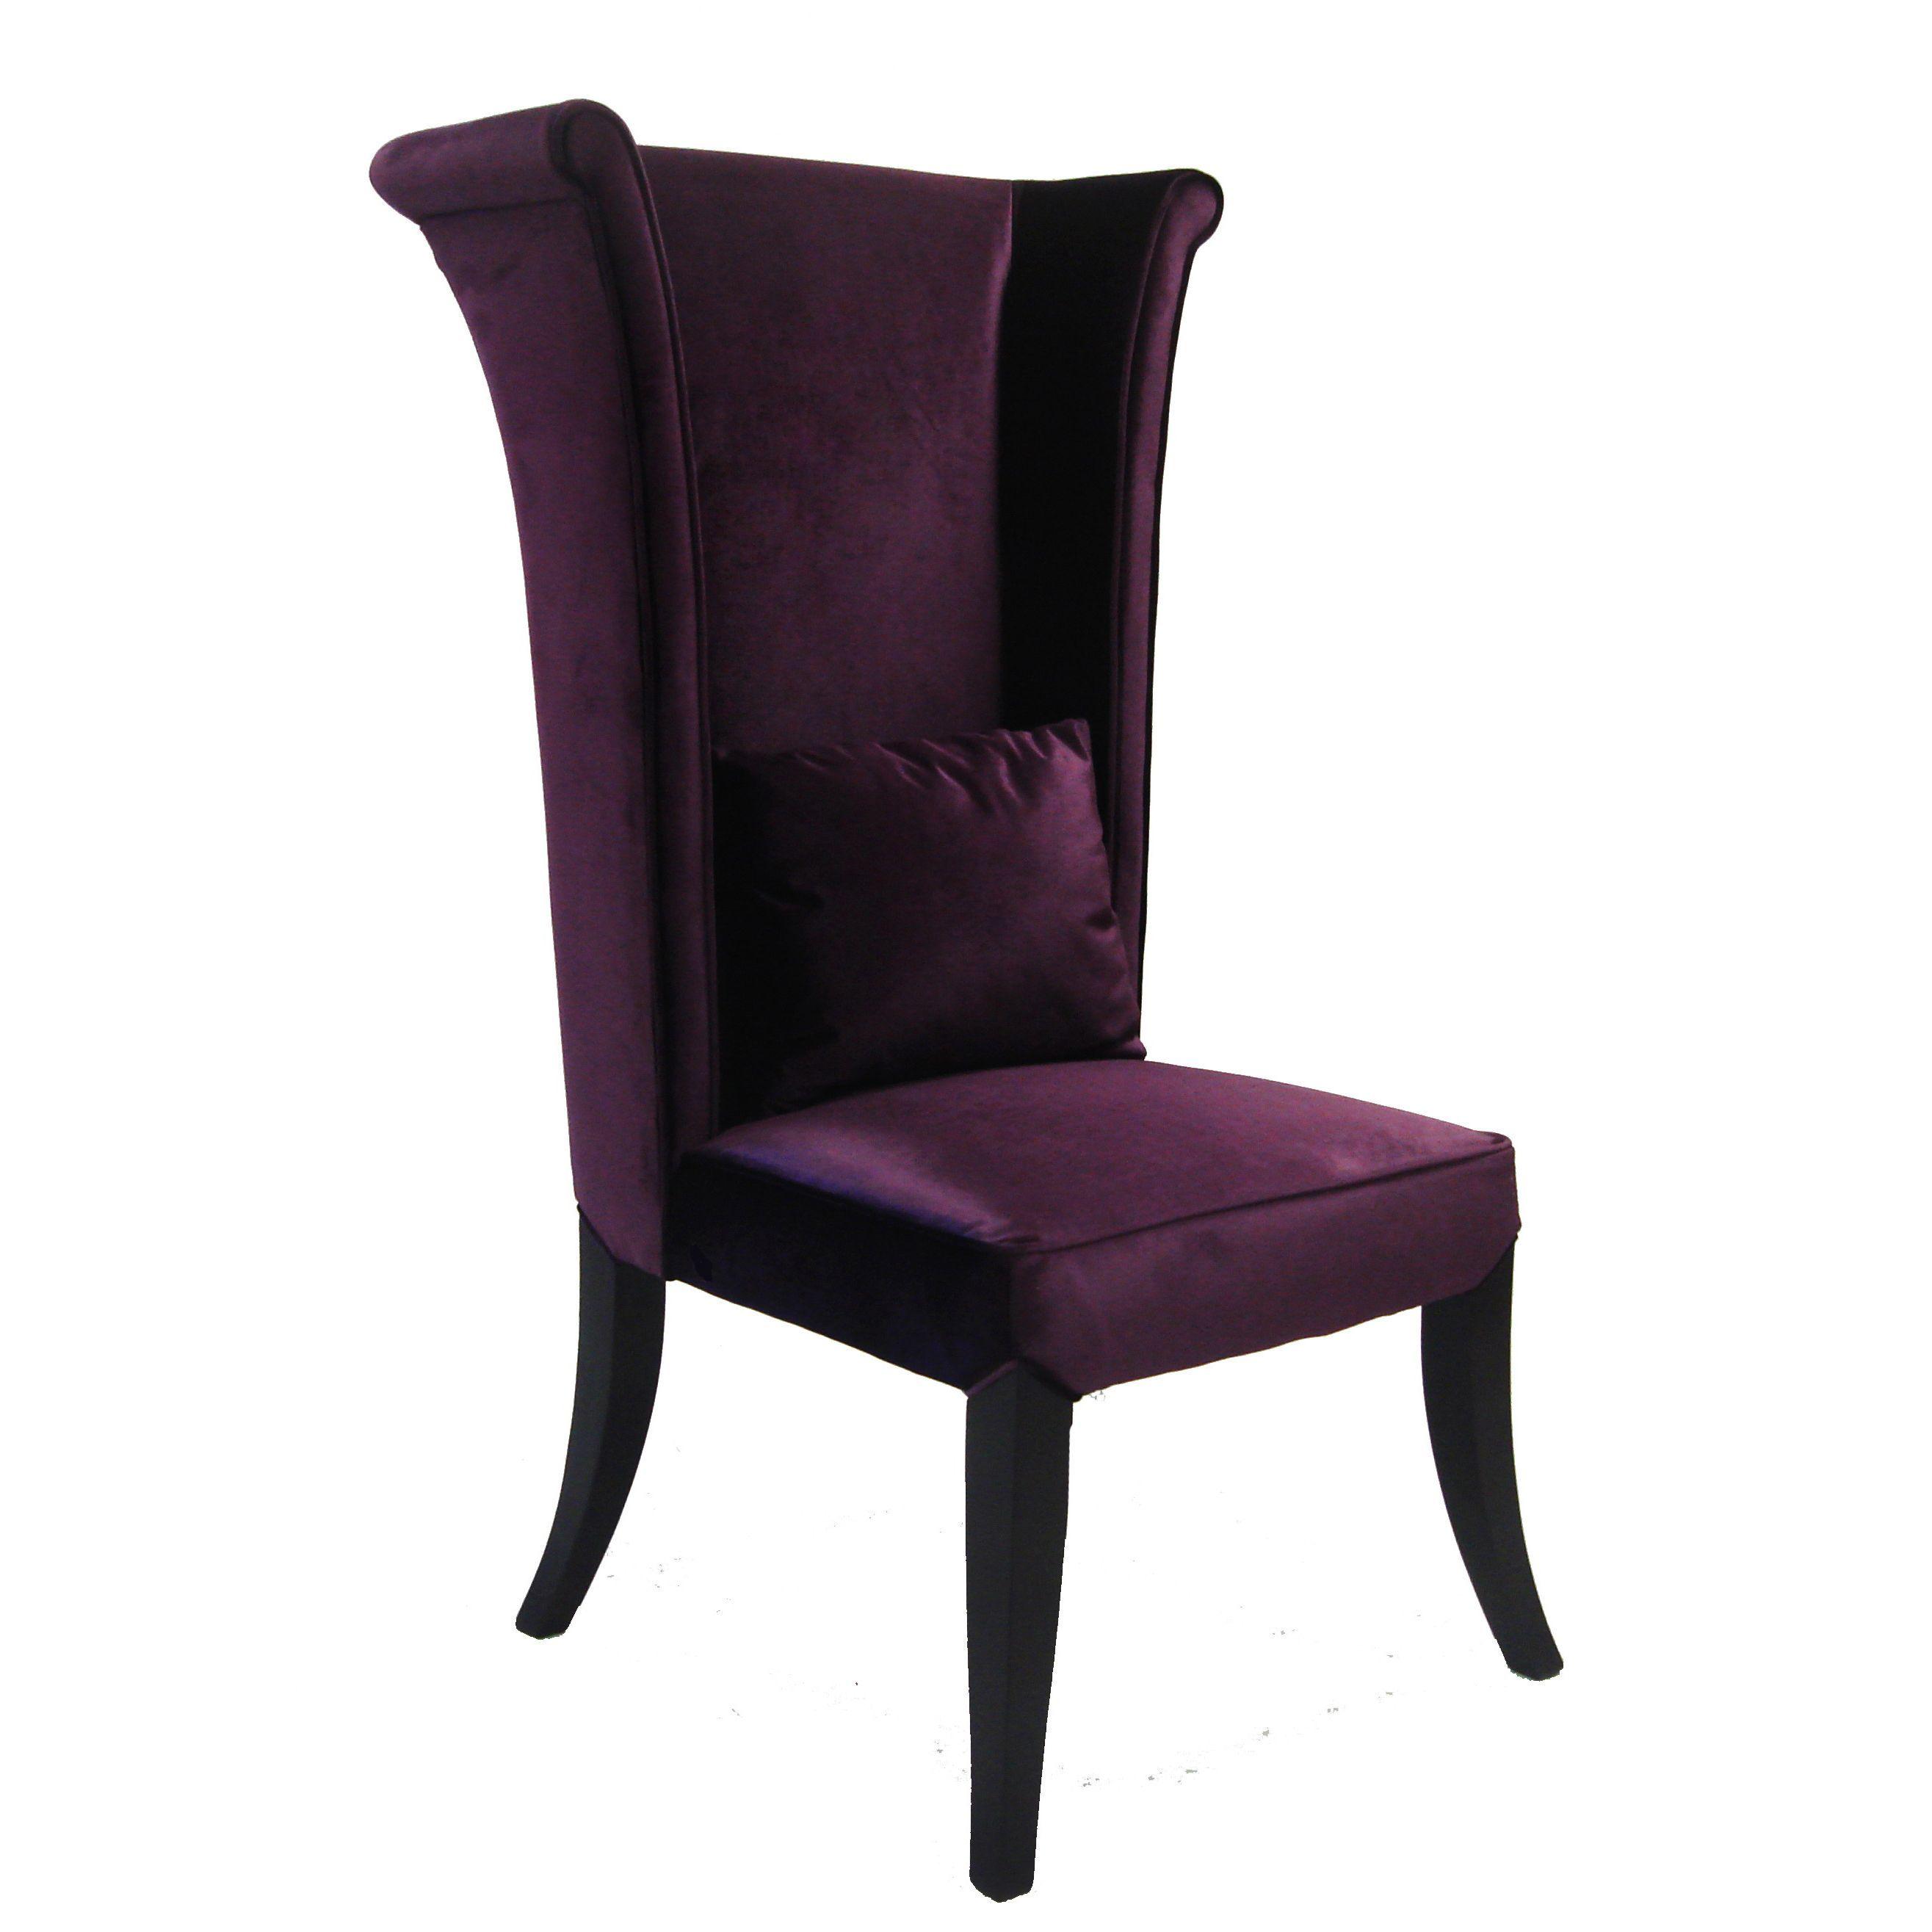 Armen Living Mad Hatter Purple Velvet High back Chair by Armen